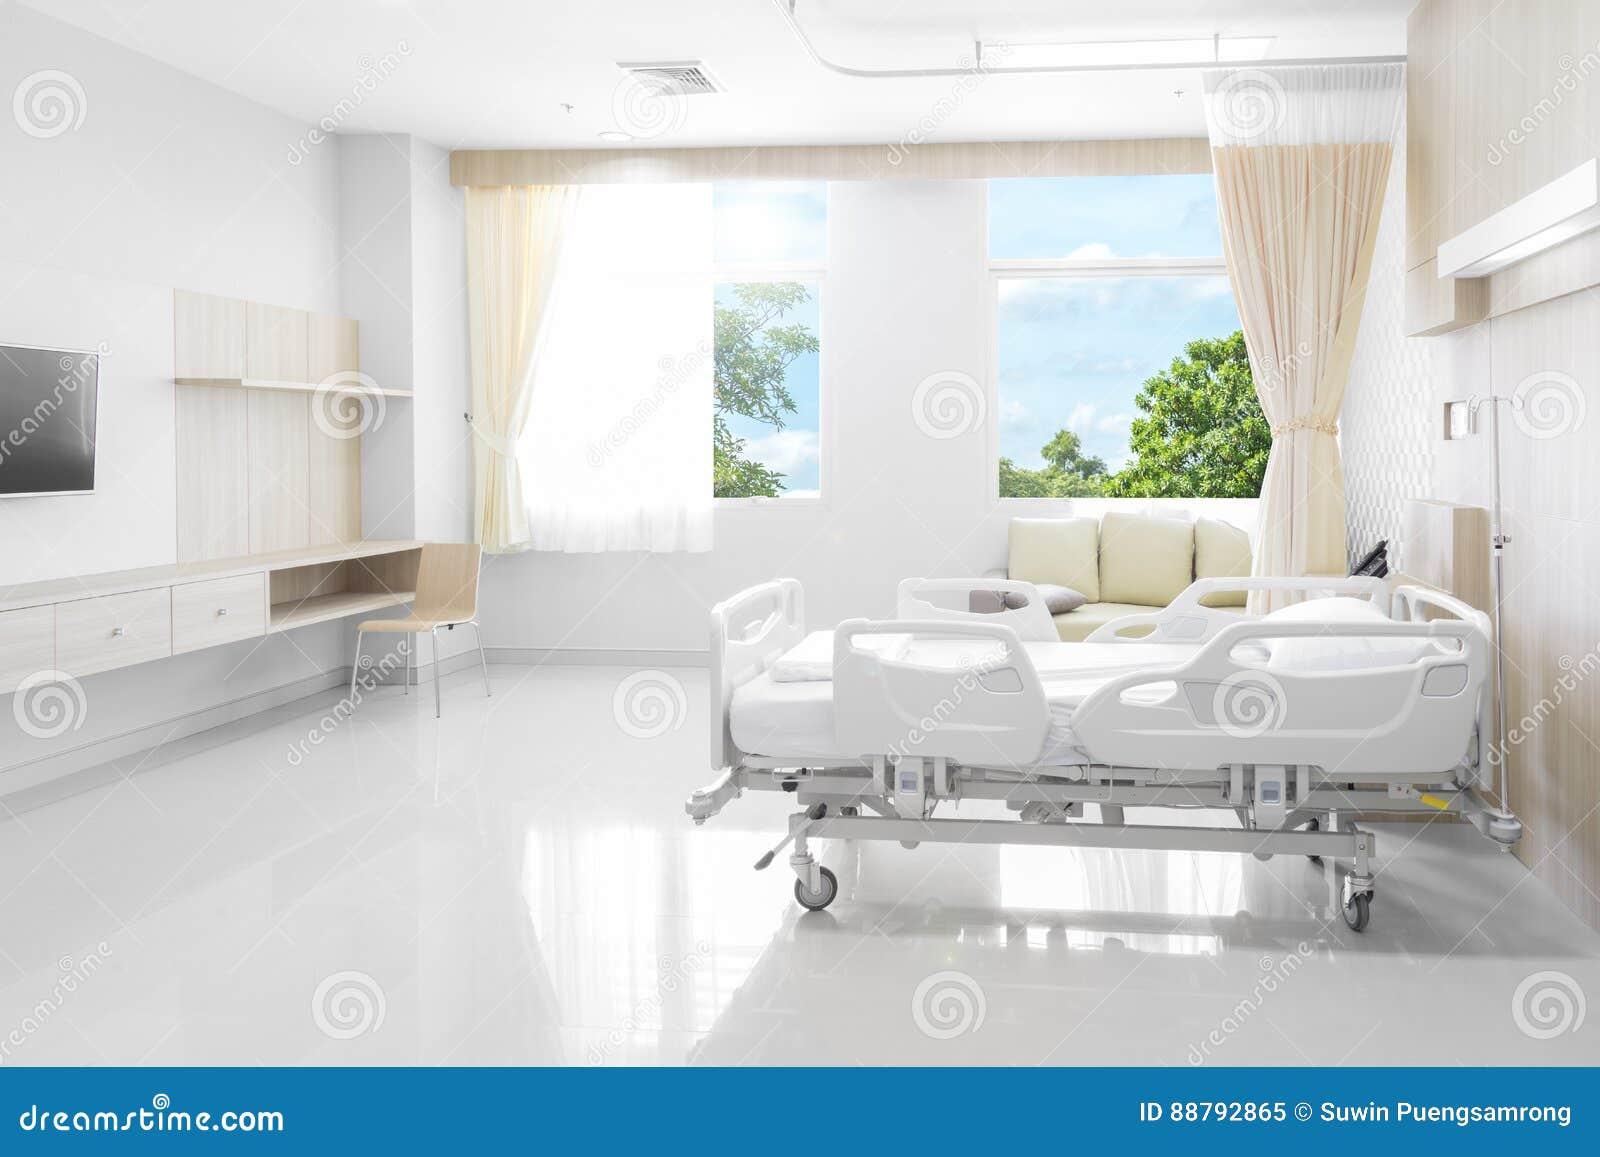 Sala de hospital com camas e o médico confortável equipada com o na